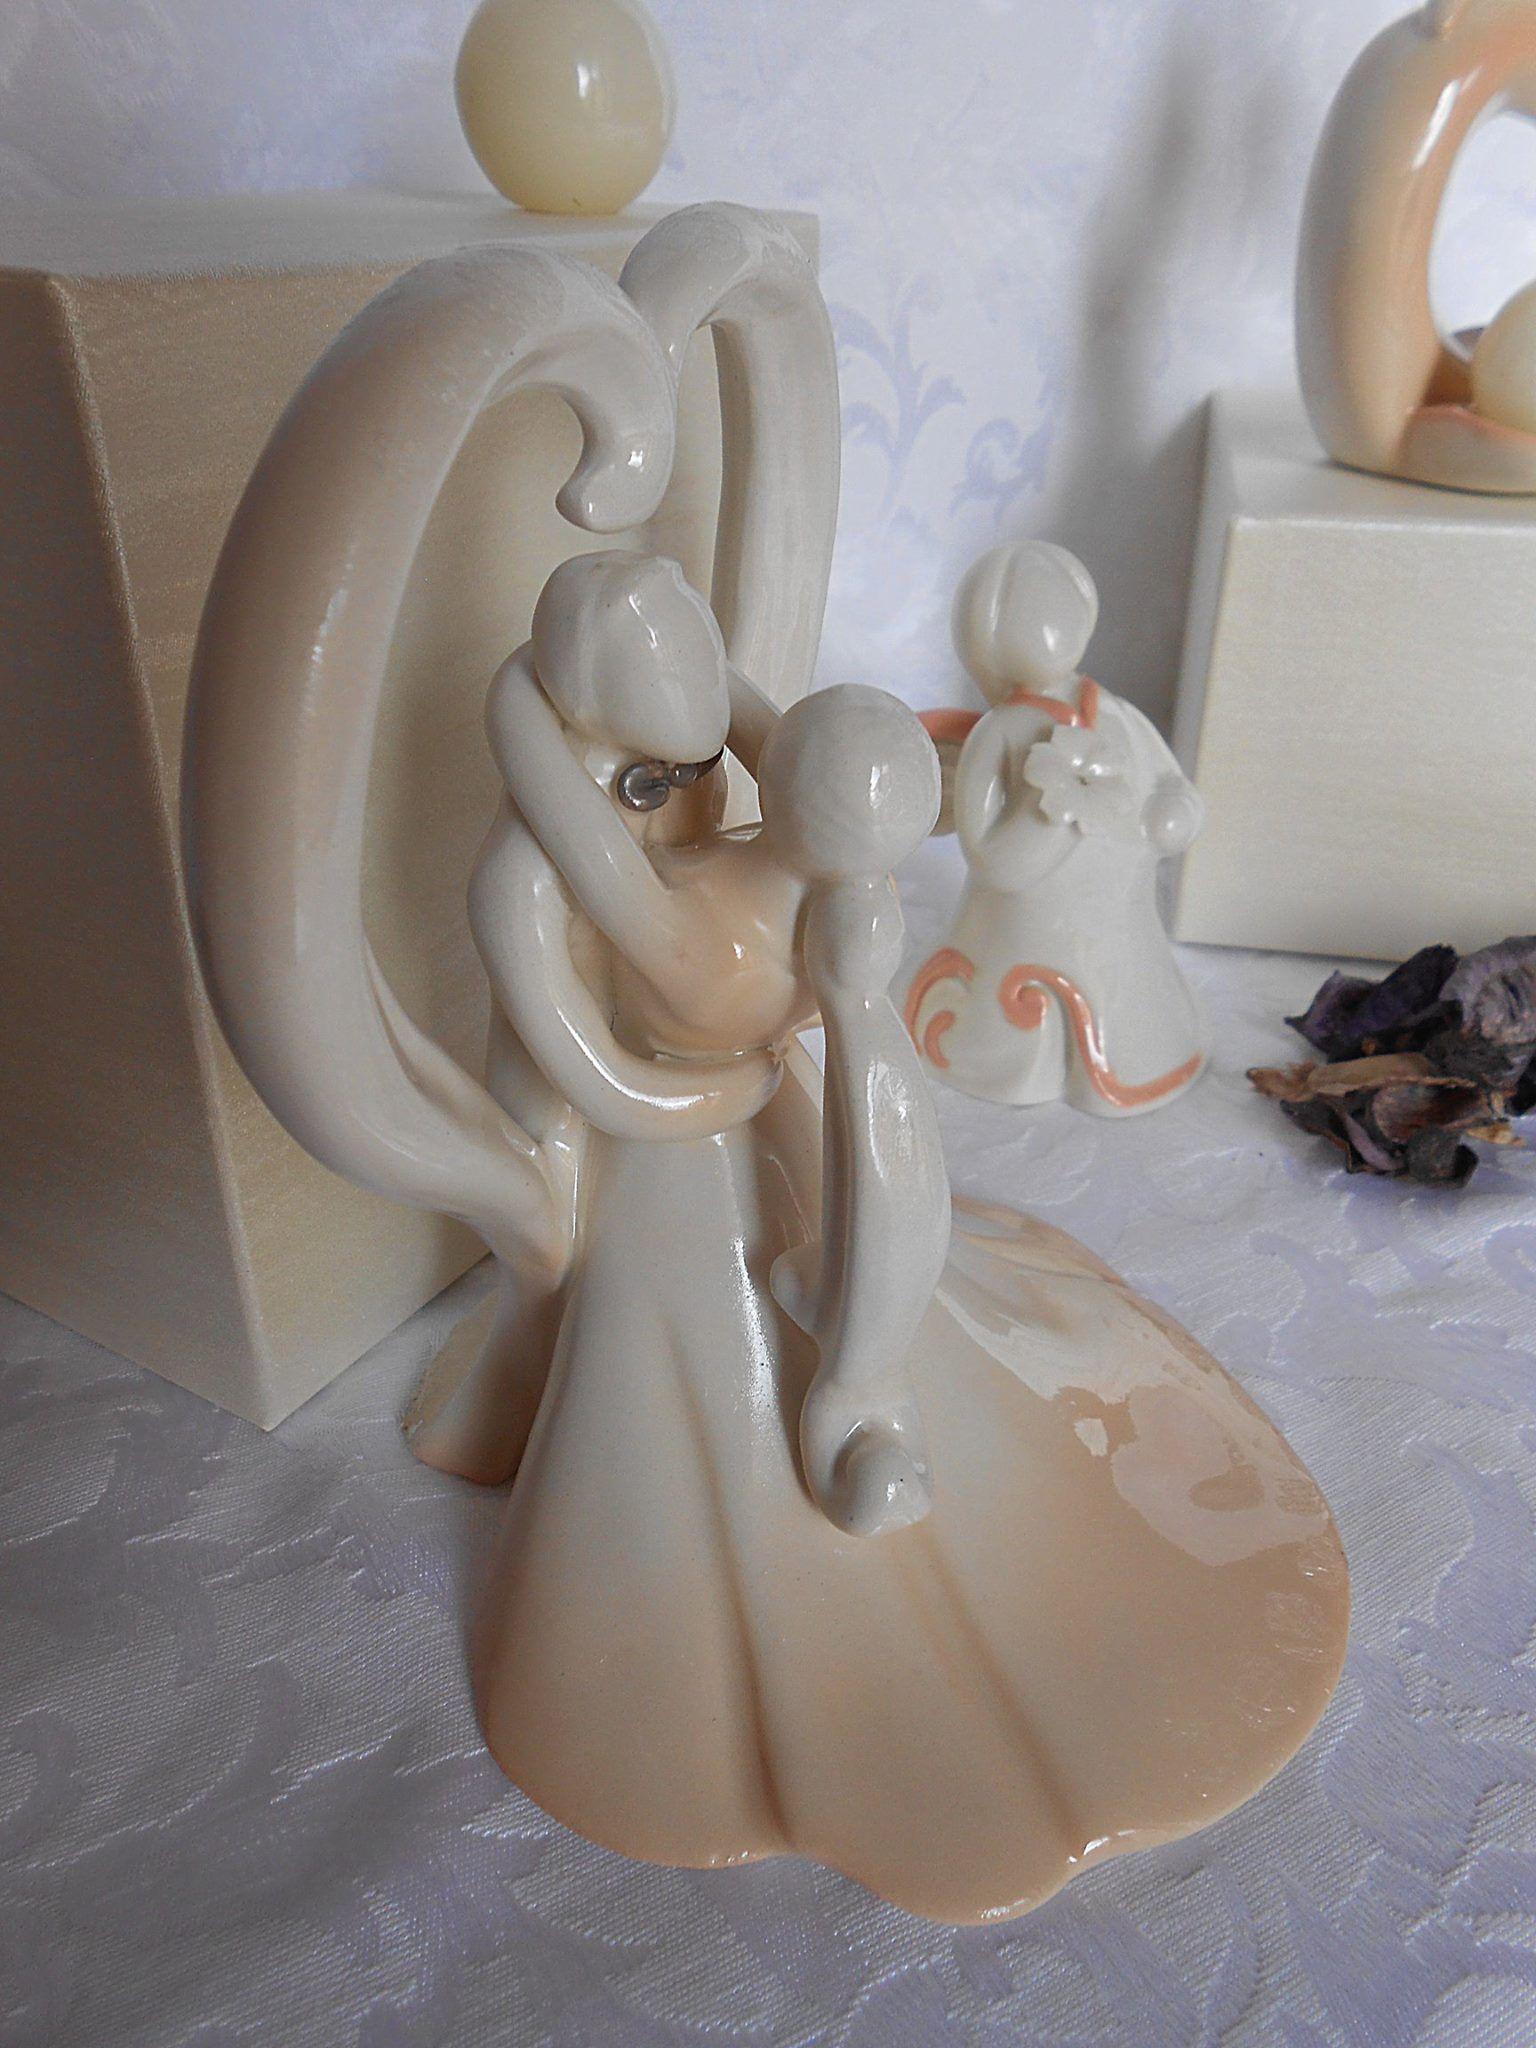 Bomboniere Matrimonio In Ceramica.Bomboniere Capodimonte Collezioni Per Il Matrimonio Di Bomboniere